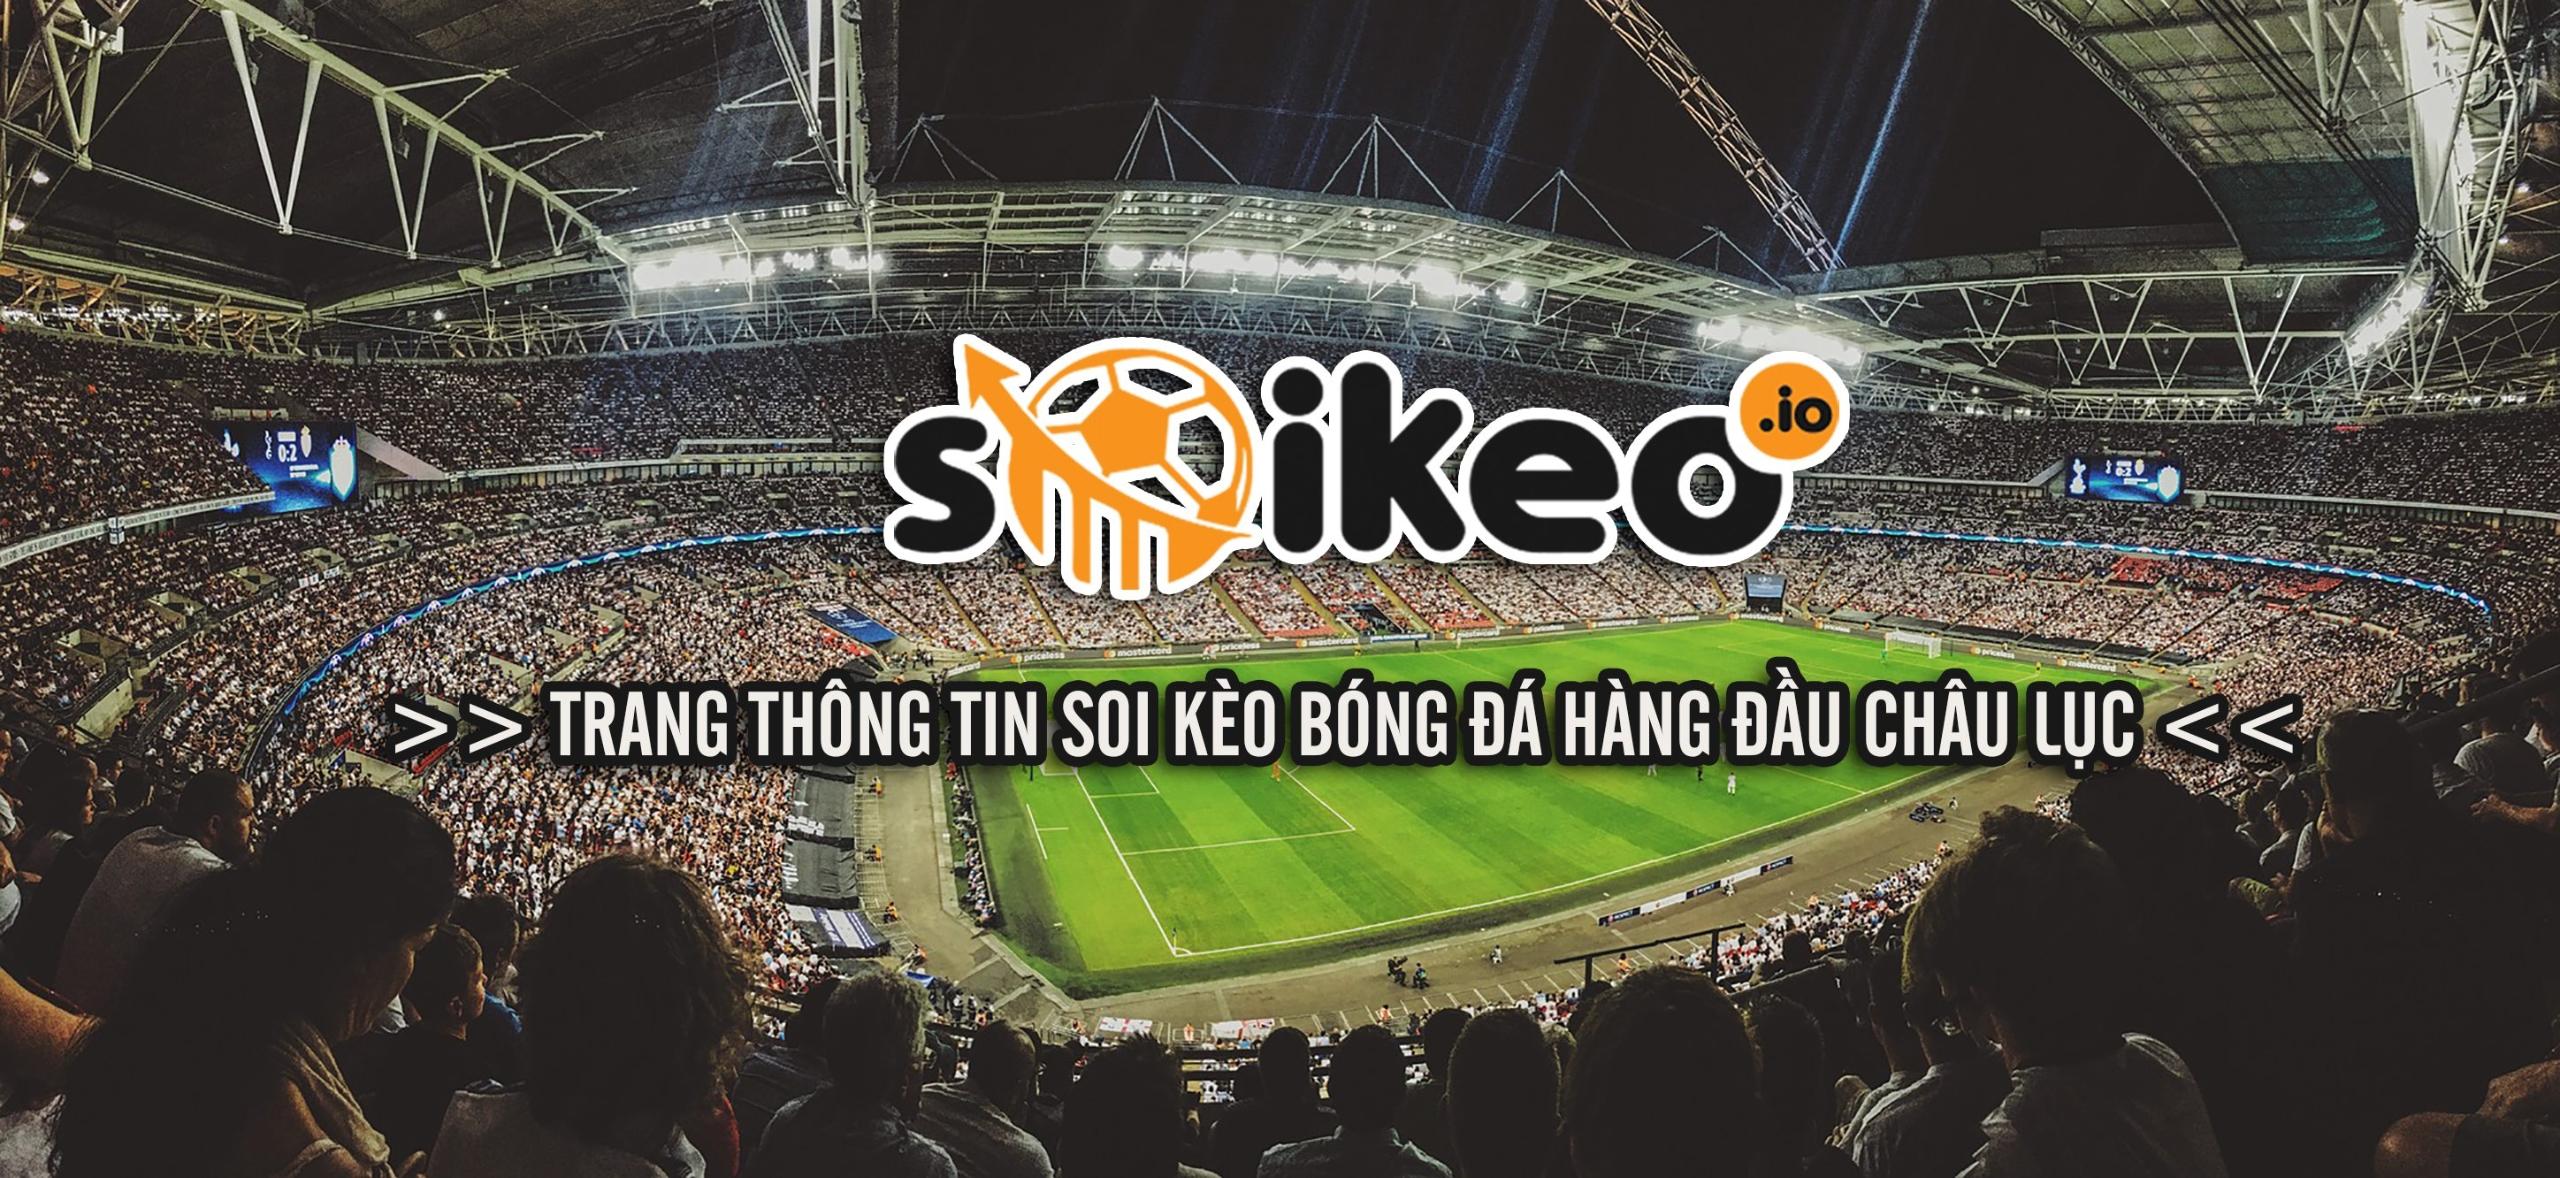 tylekeo dabong (@tylekeodabong) Cover Image